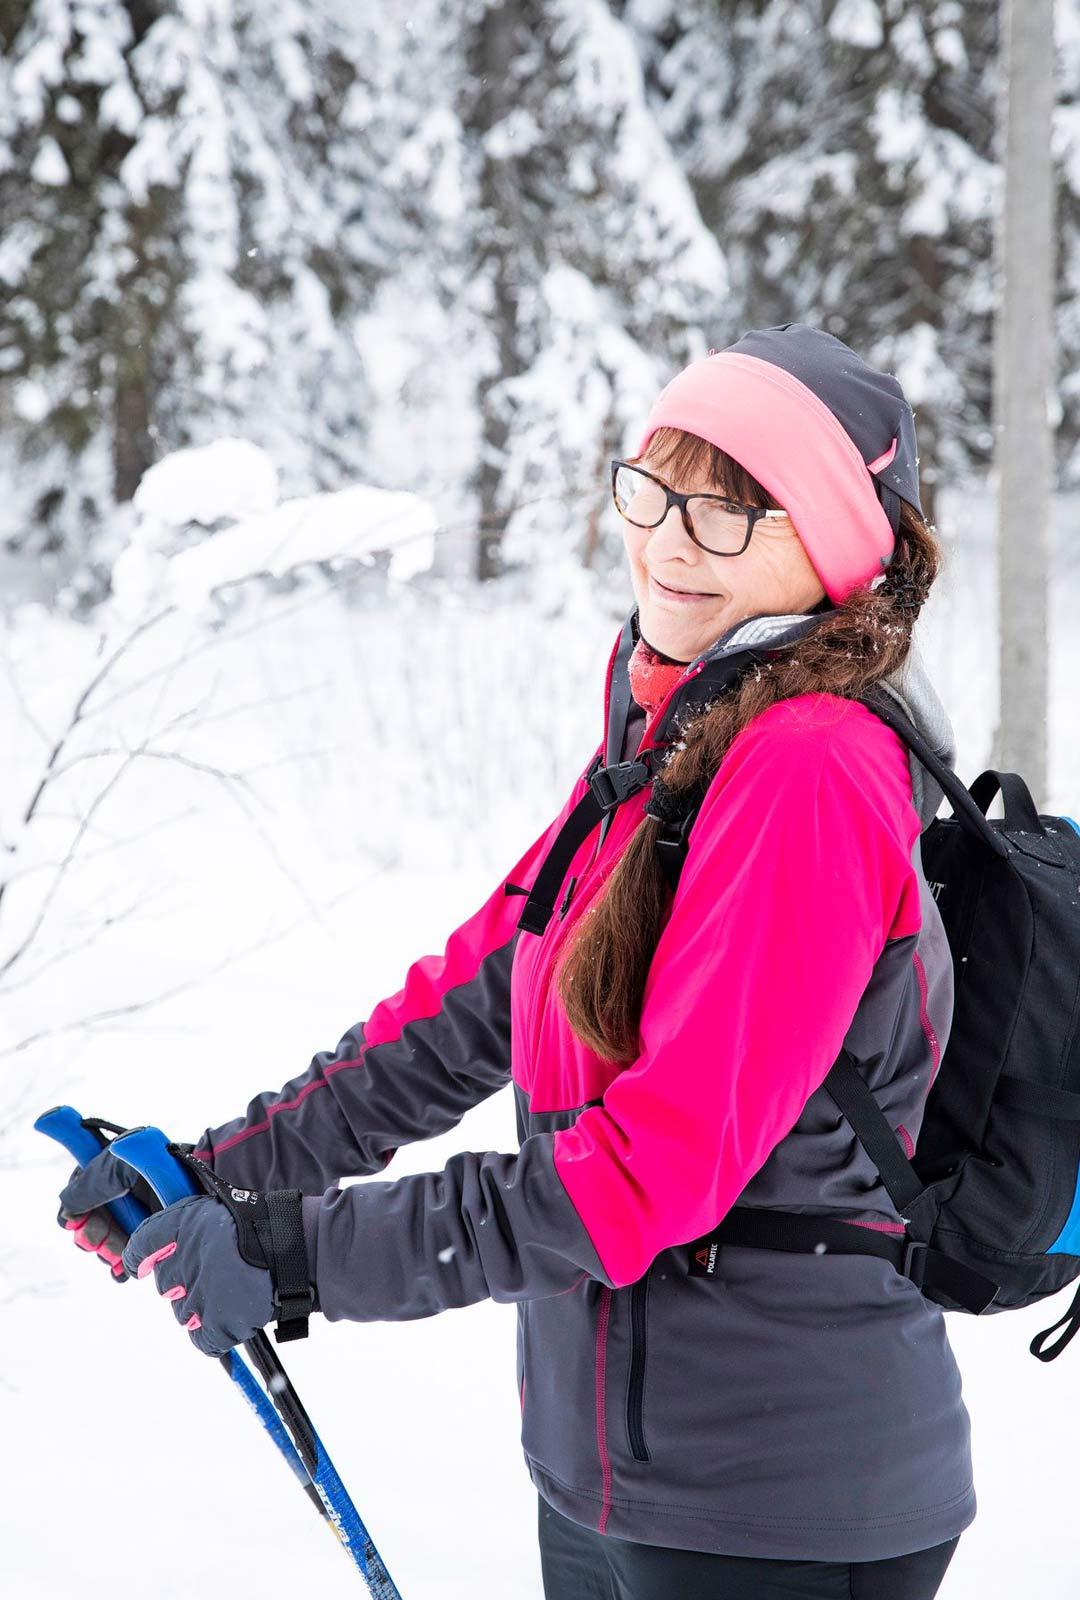 Tuulikki Airaksisen hiihtoreissut Lappiin ovat jääneet väliin, joten hän tuli Kolille.